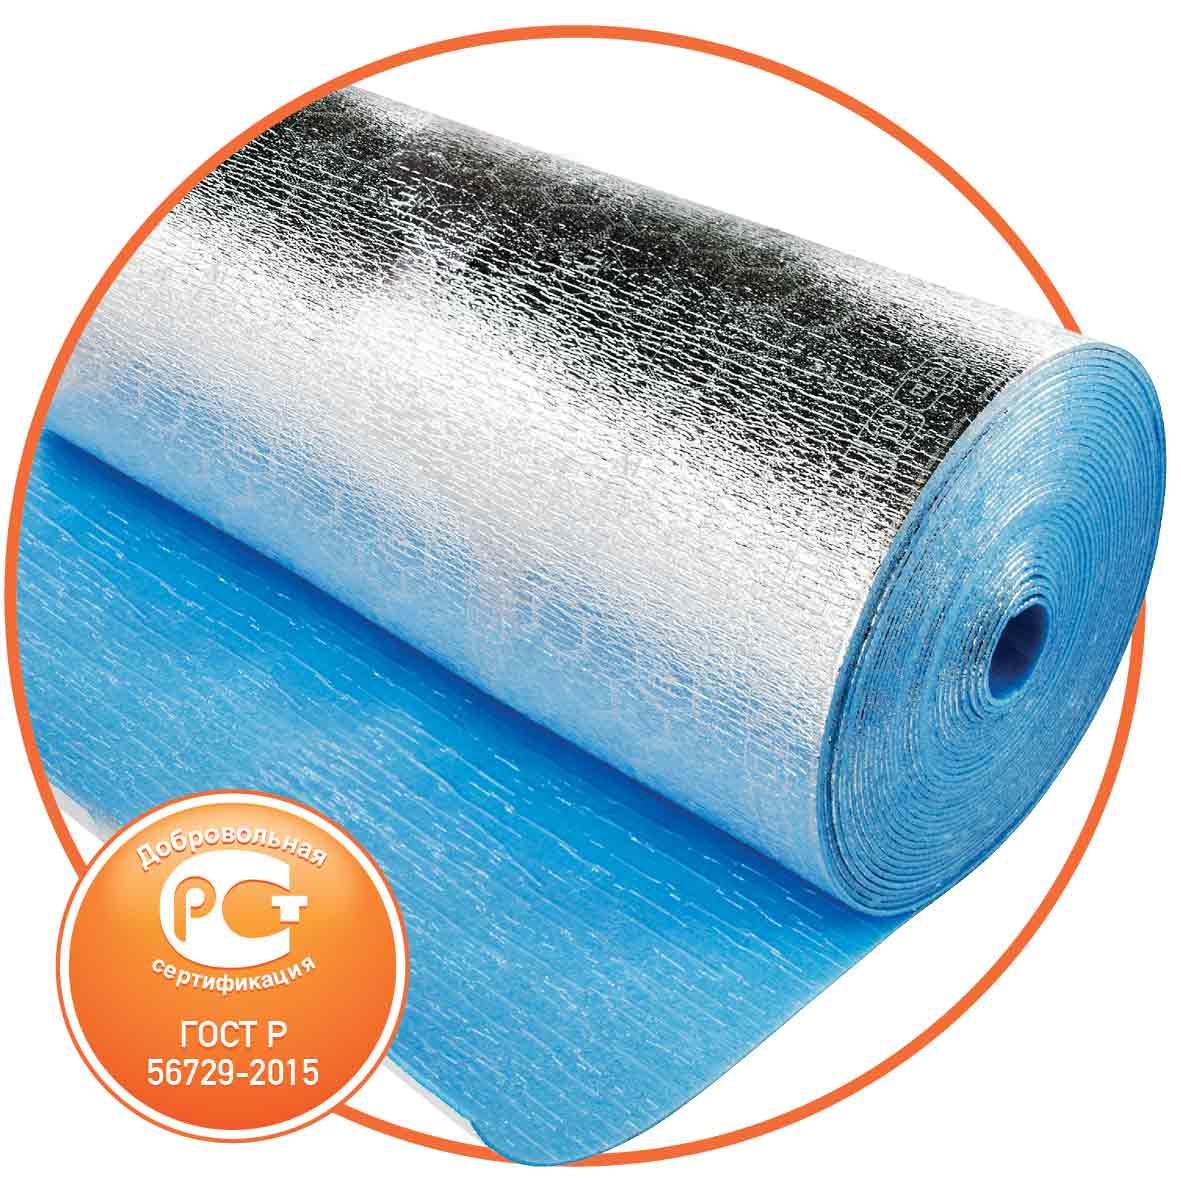 Утеплитель отражающий самоклеющийся для вентиляции Пенофол тип С 10 мм